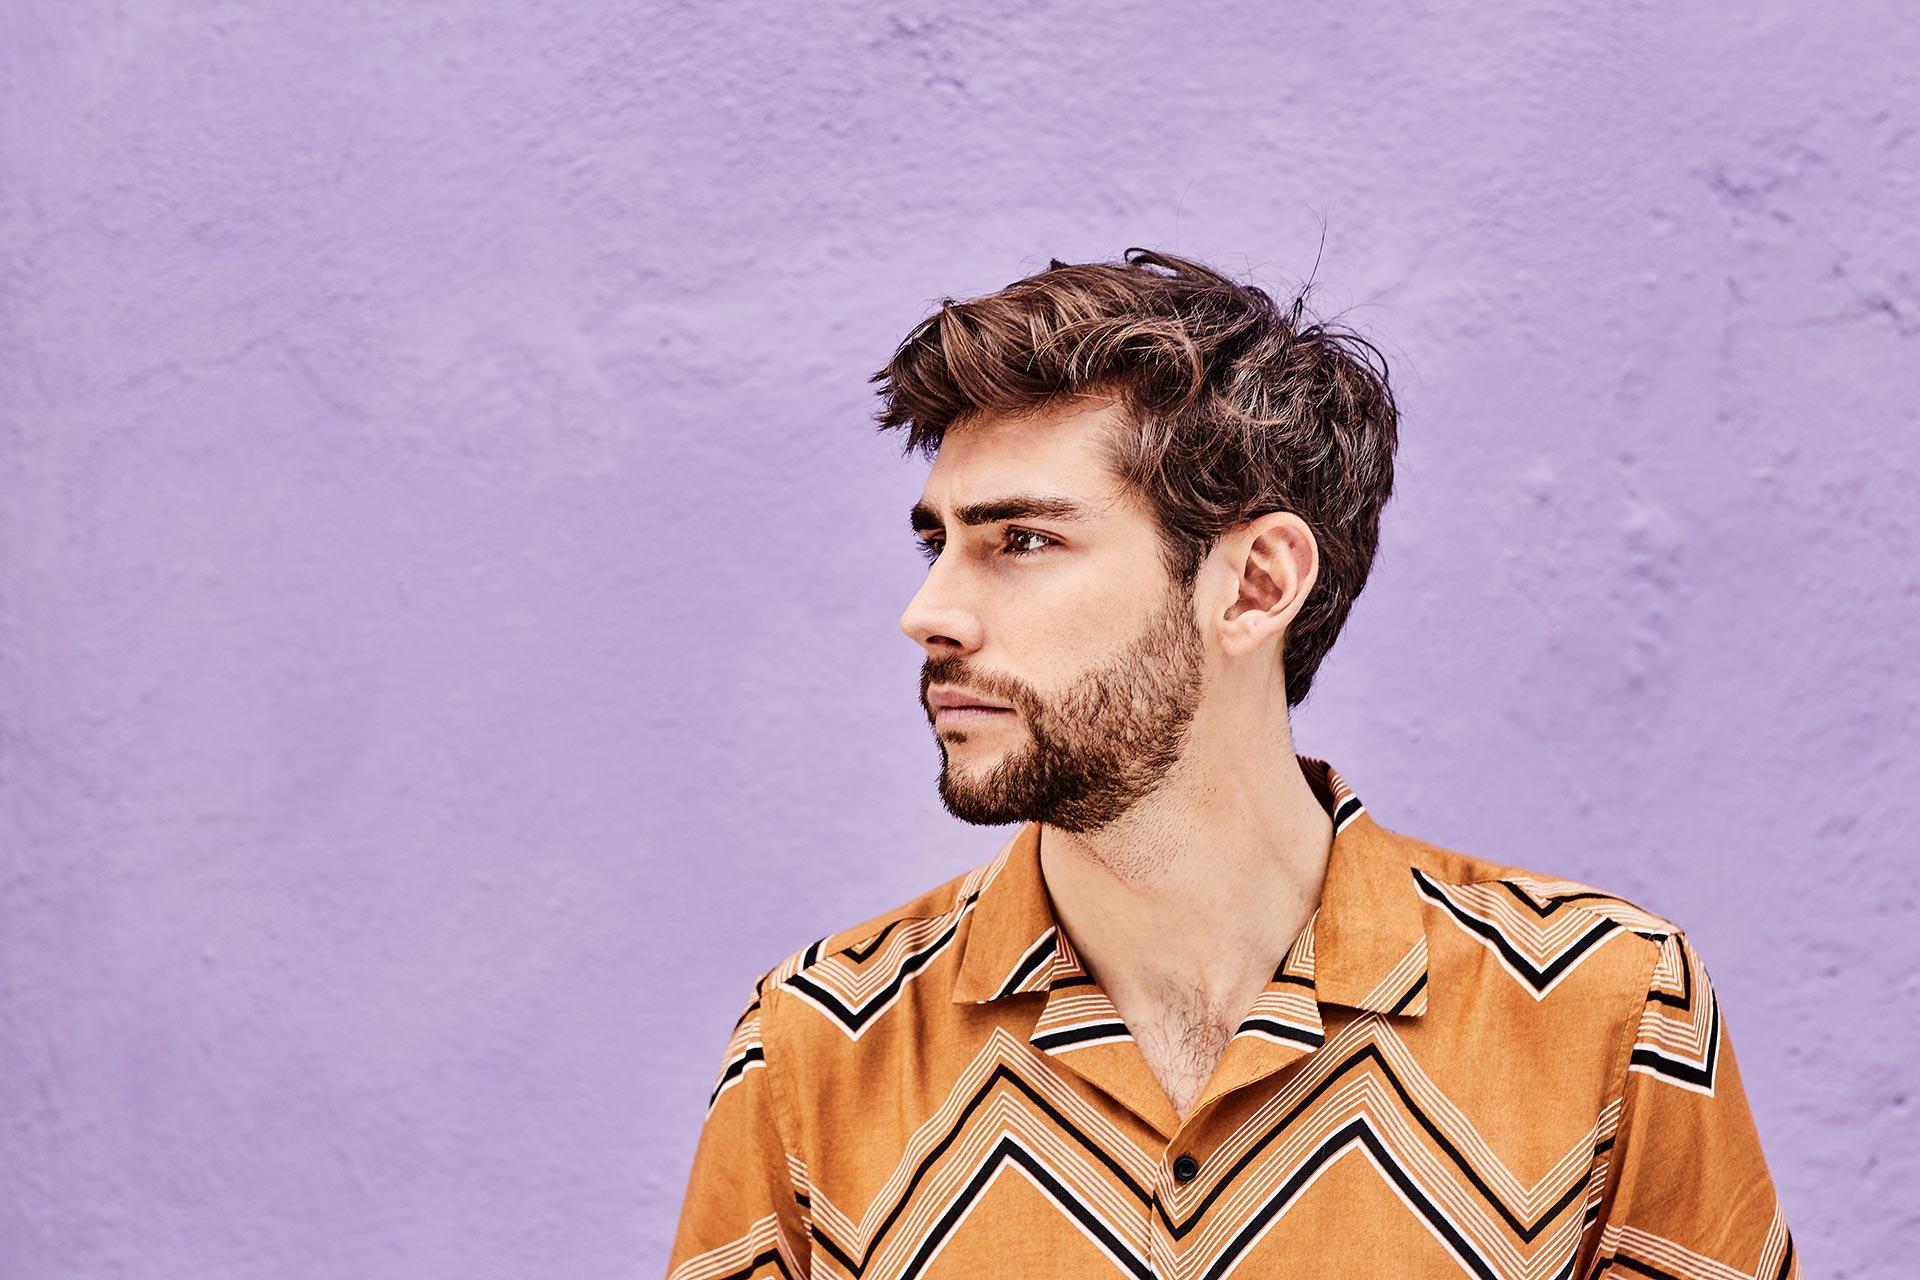 Der spanische Musiker Álvaro Soler tritt am 9. Juli 2022 beim Mercedes-Benz Konzertsommer auf